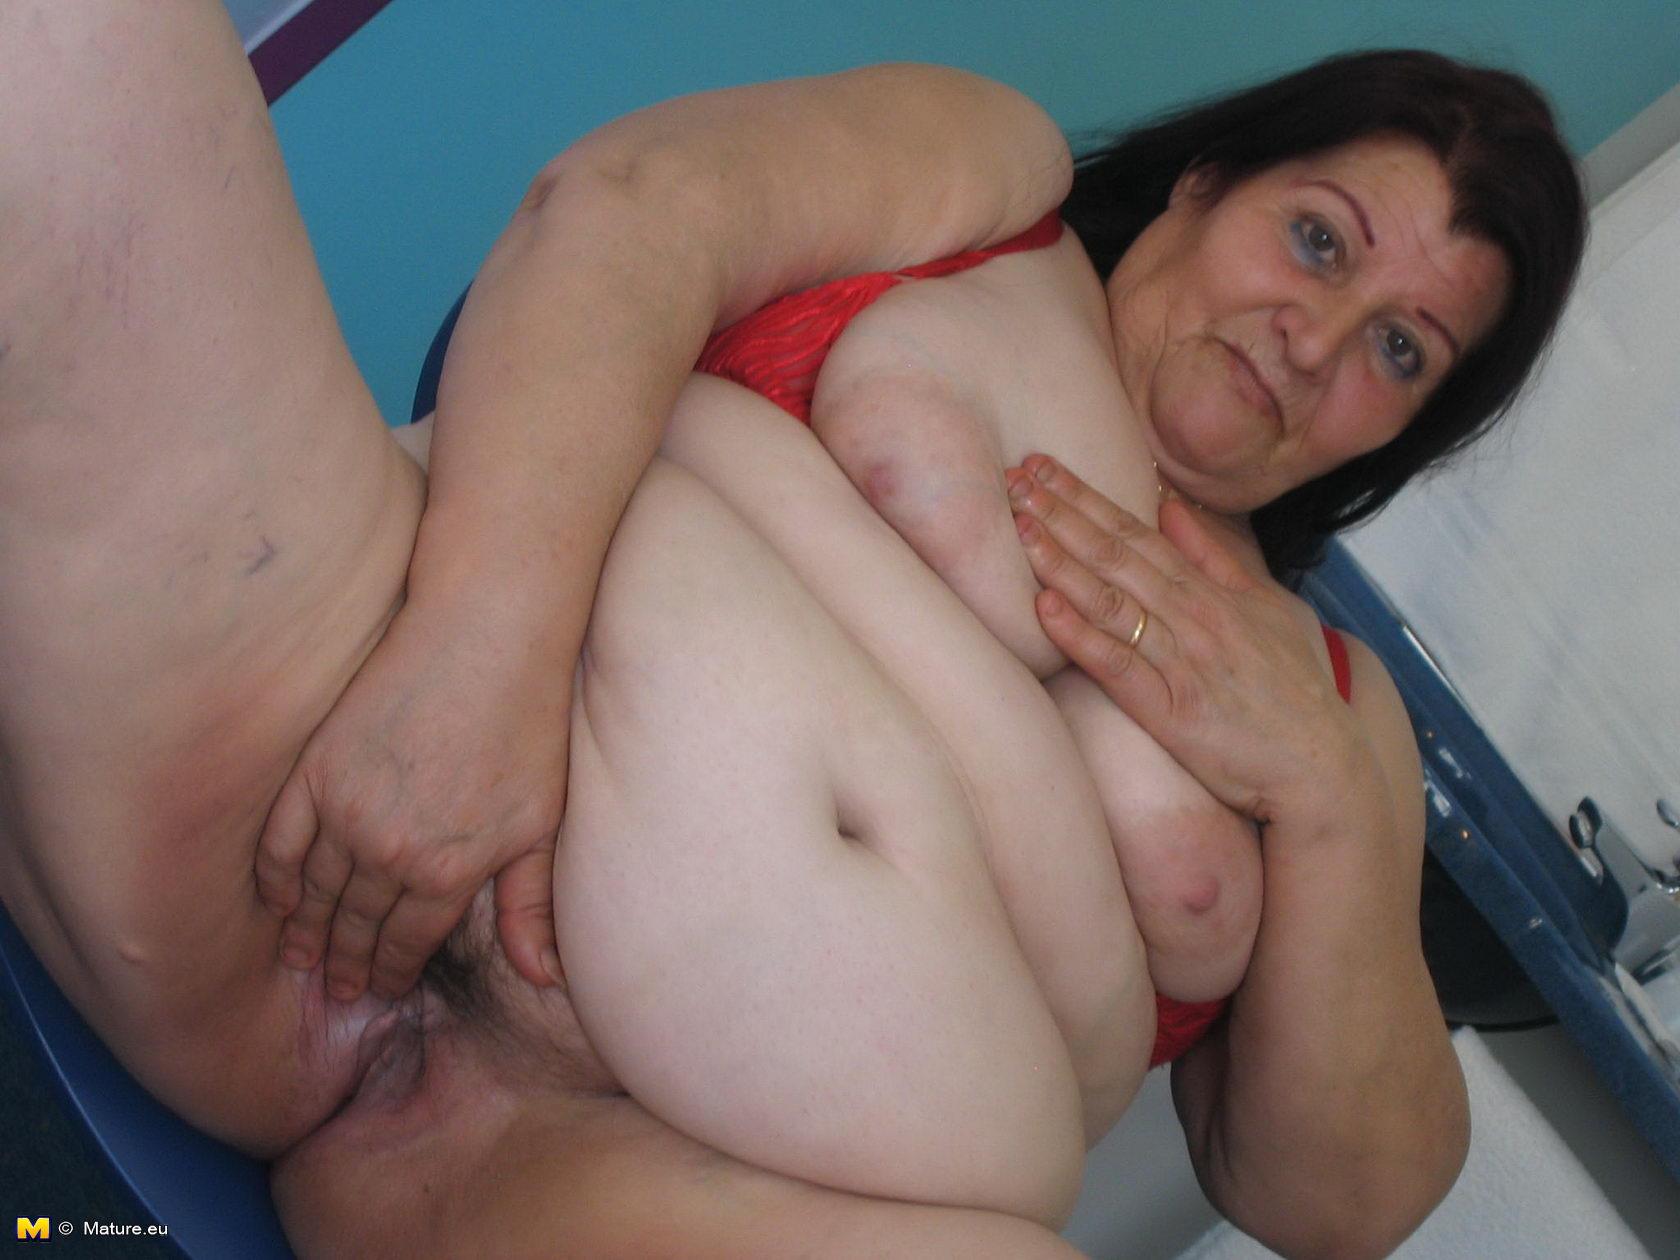 Женщины в возрасте с большими клиторами ебутся онлайн — photo 3